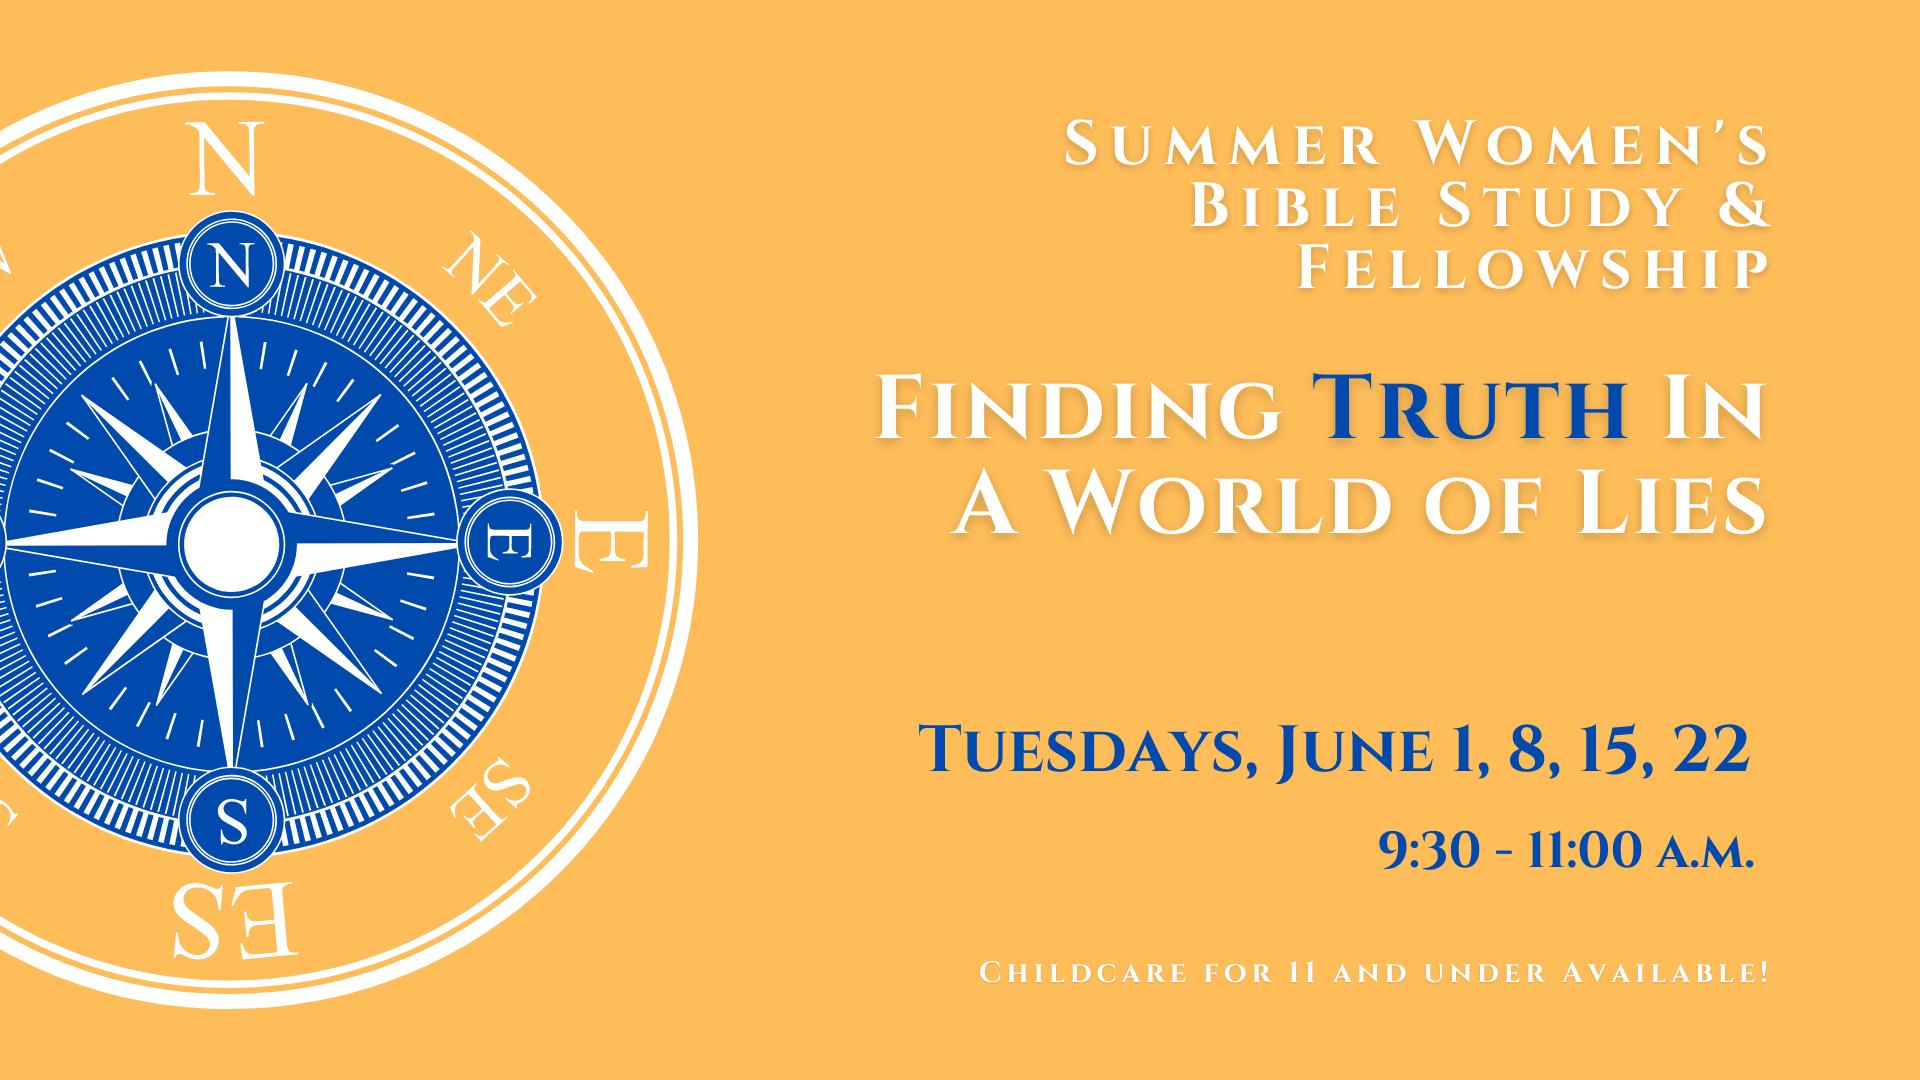 Summer Women's Bible Study